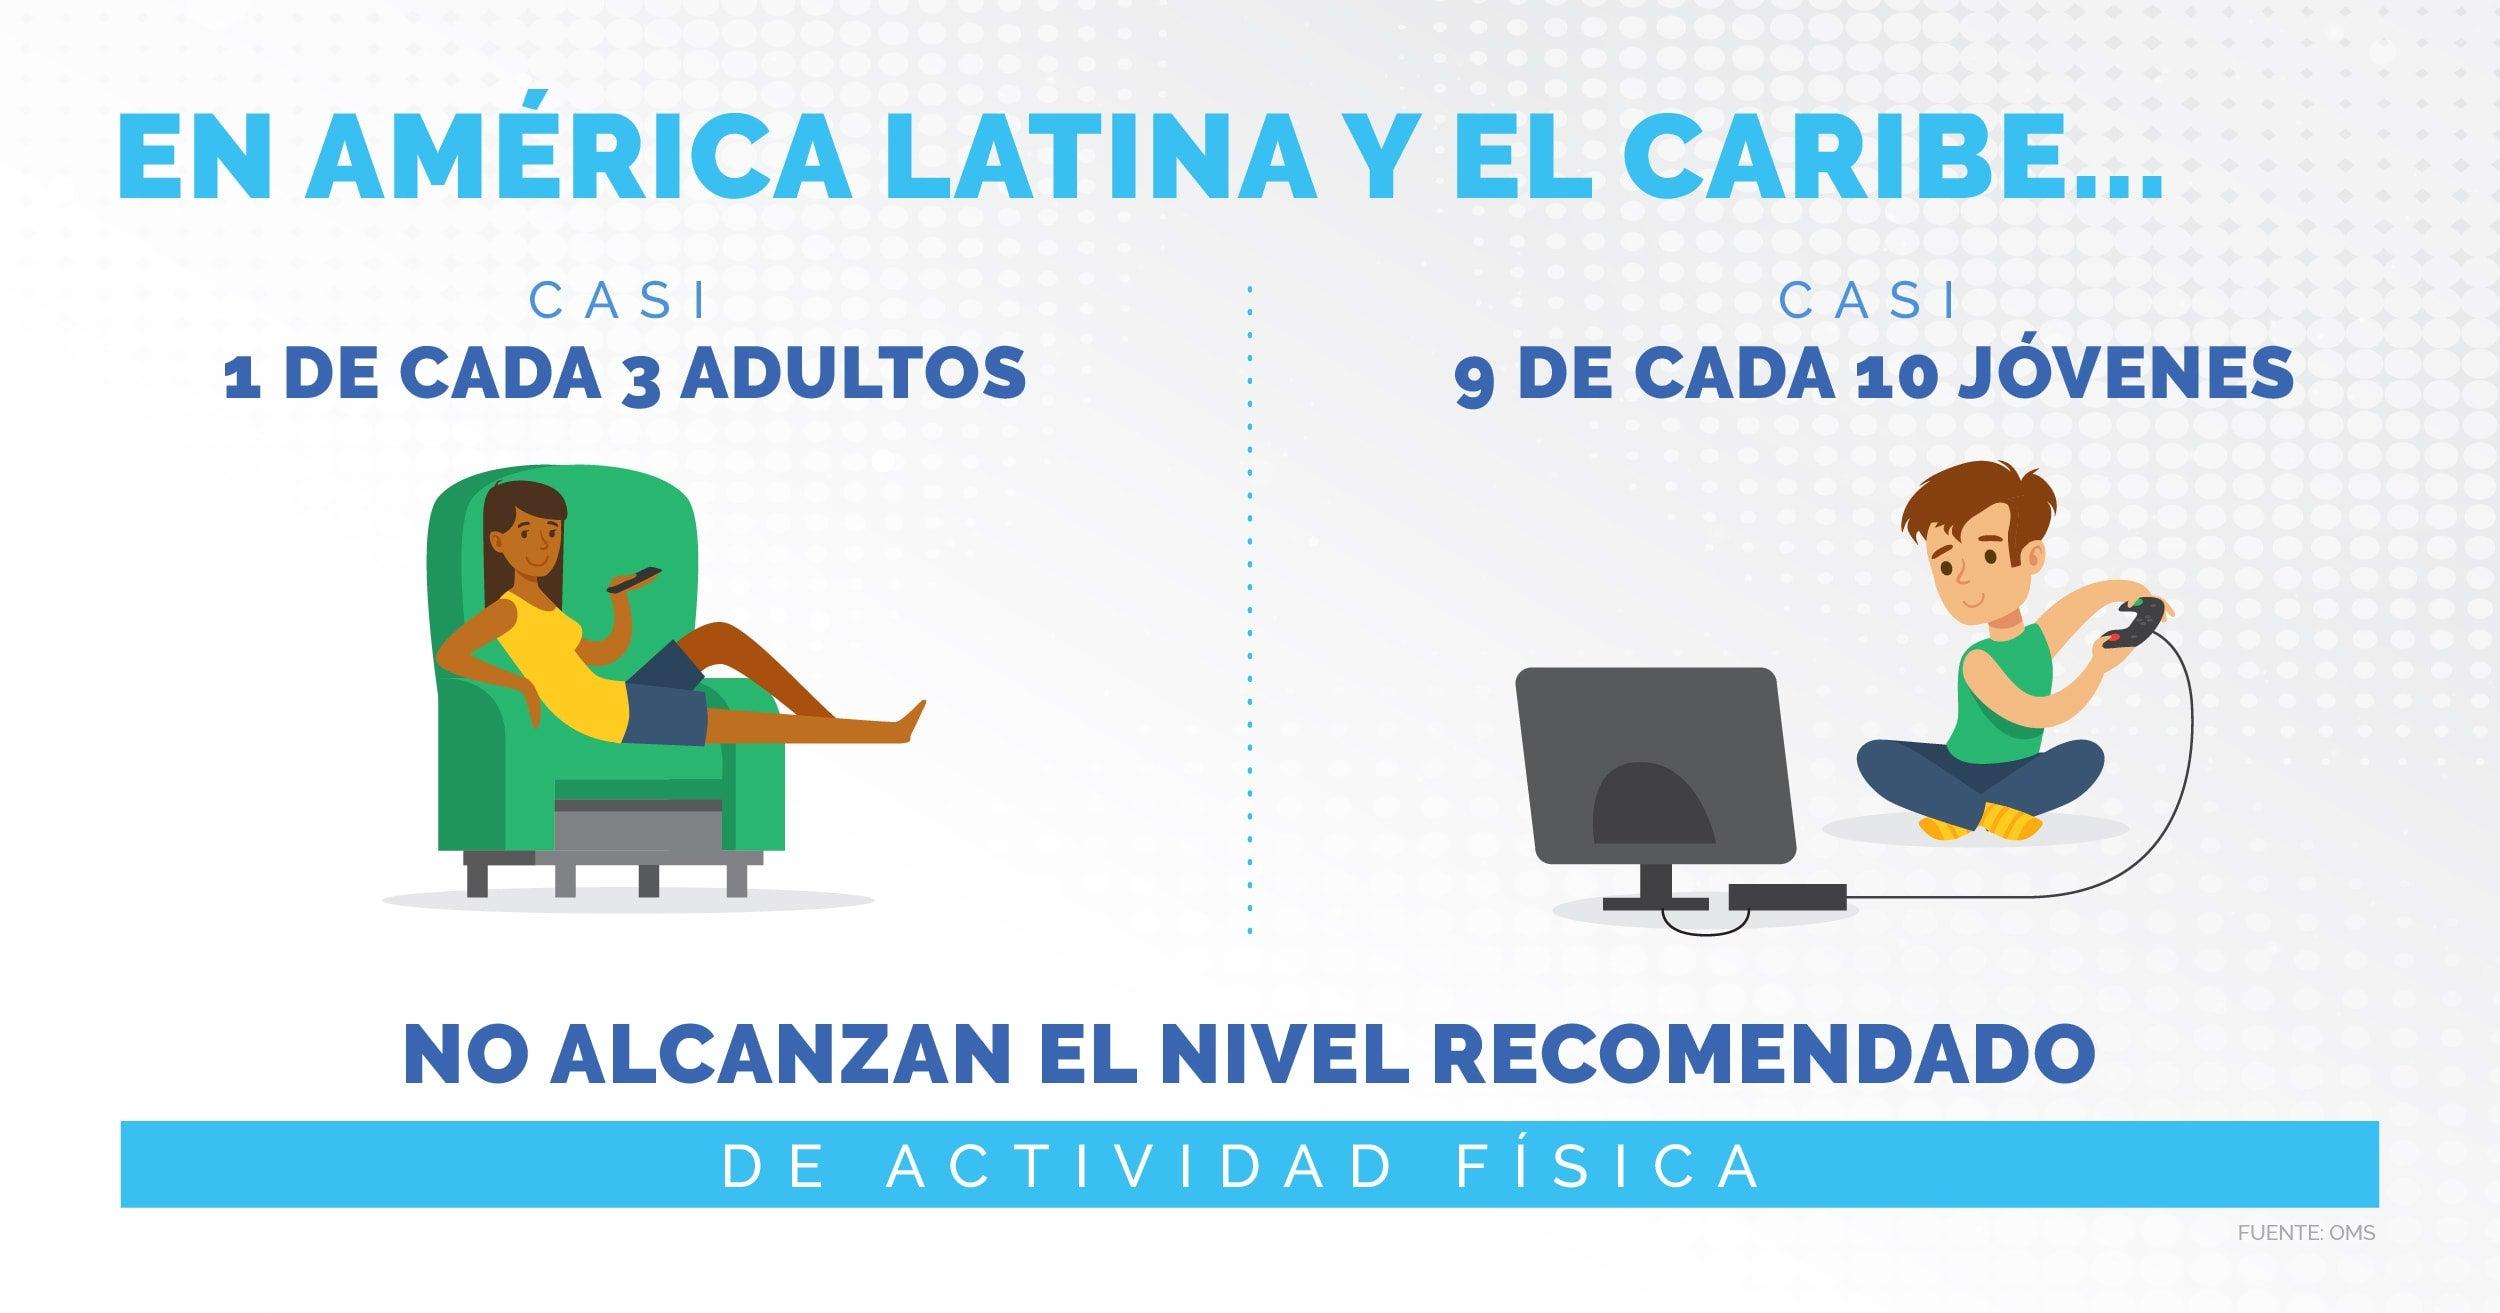 Chile marca tendencia mientras América Latina hace frente a su problema de obesidad